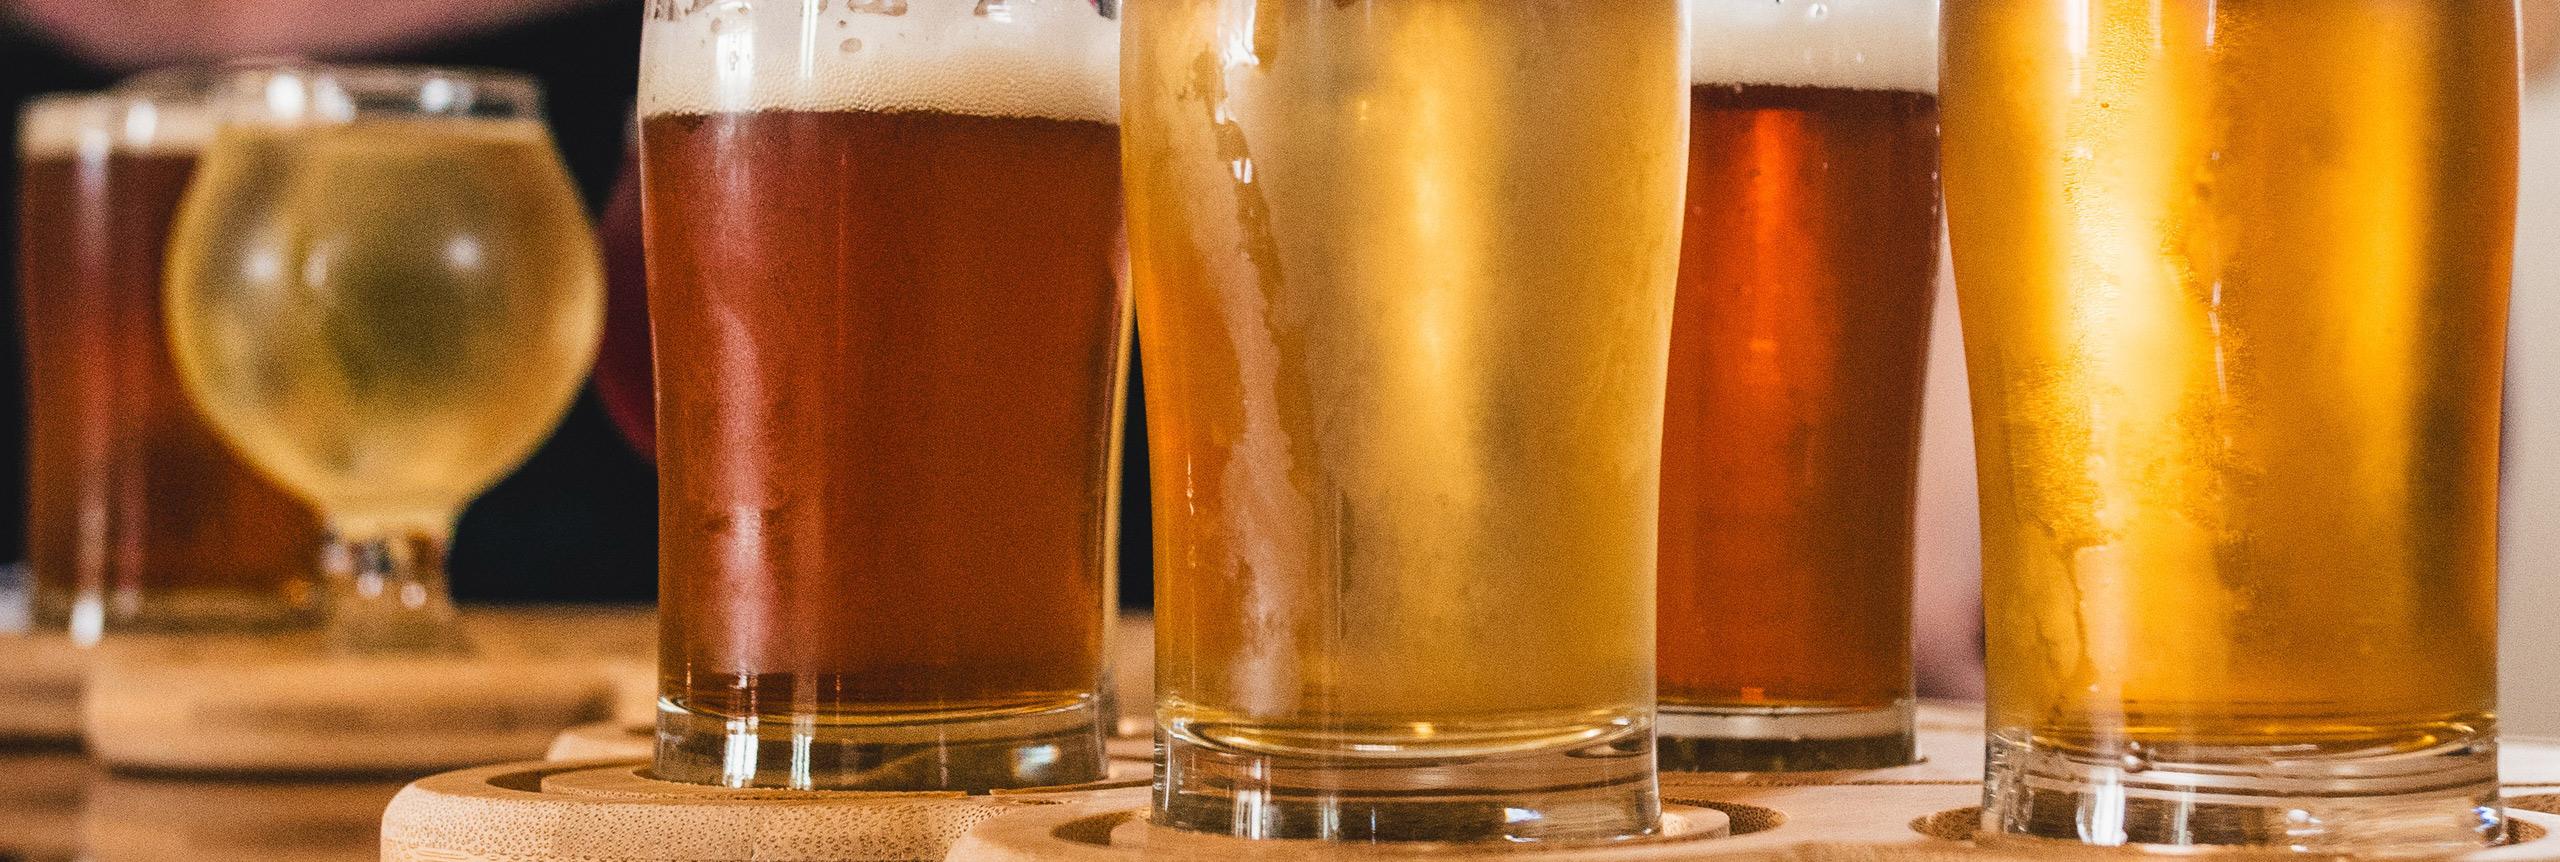 Cervezas del mundo y cervezas artesanales